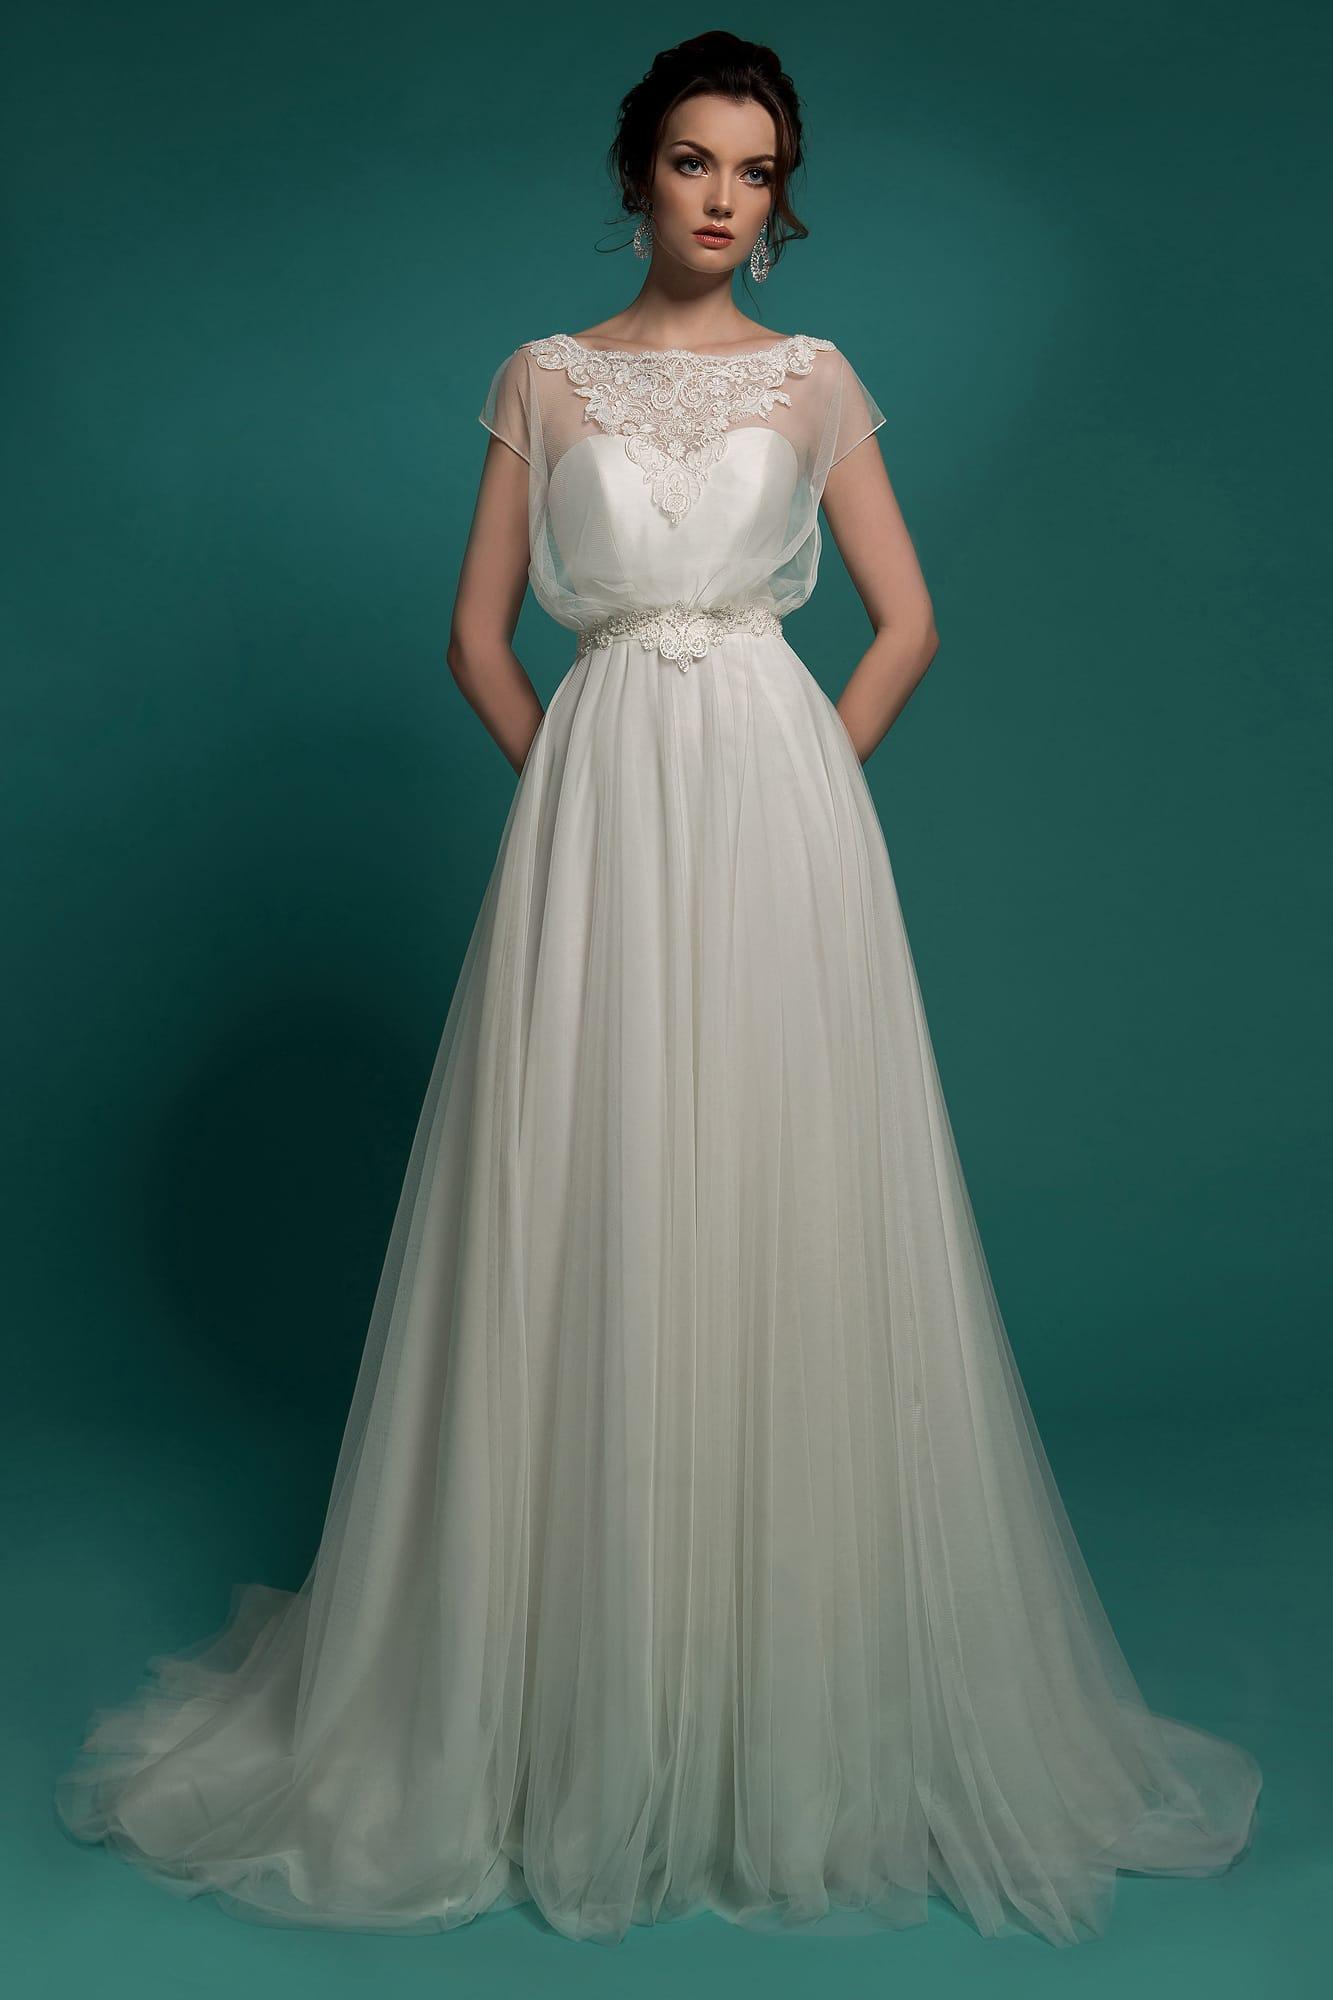 14c43bdf095 Свадебное платье в ампирном стиле с полупрозрачным верхом широкого кроя.